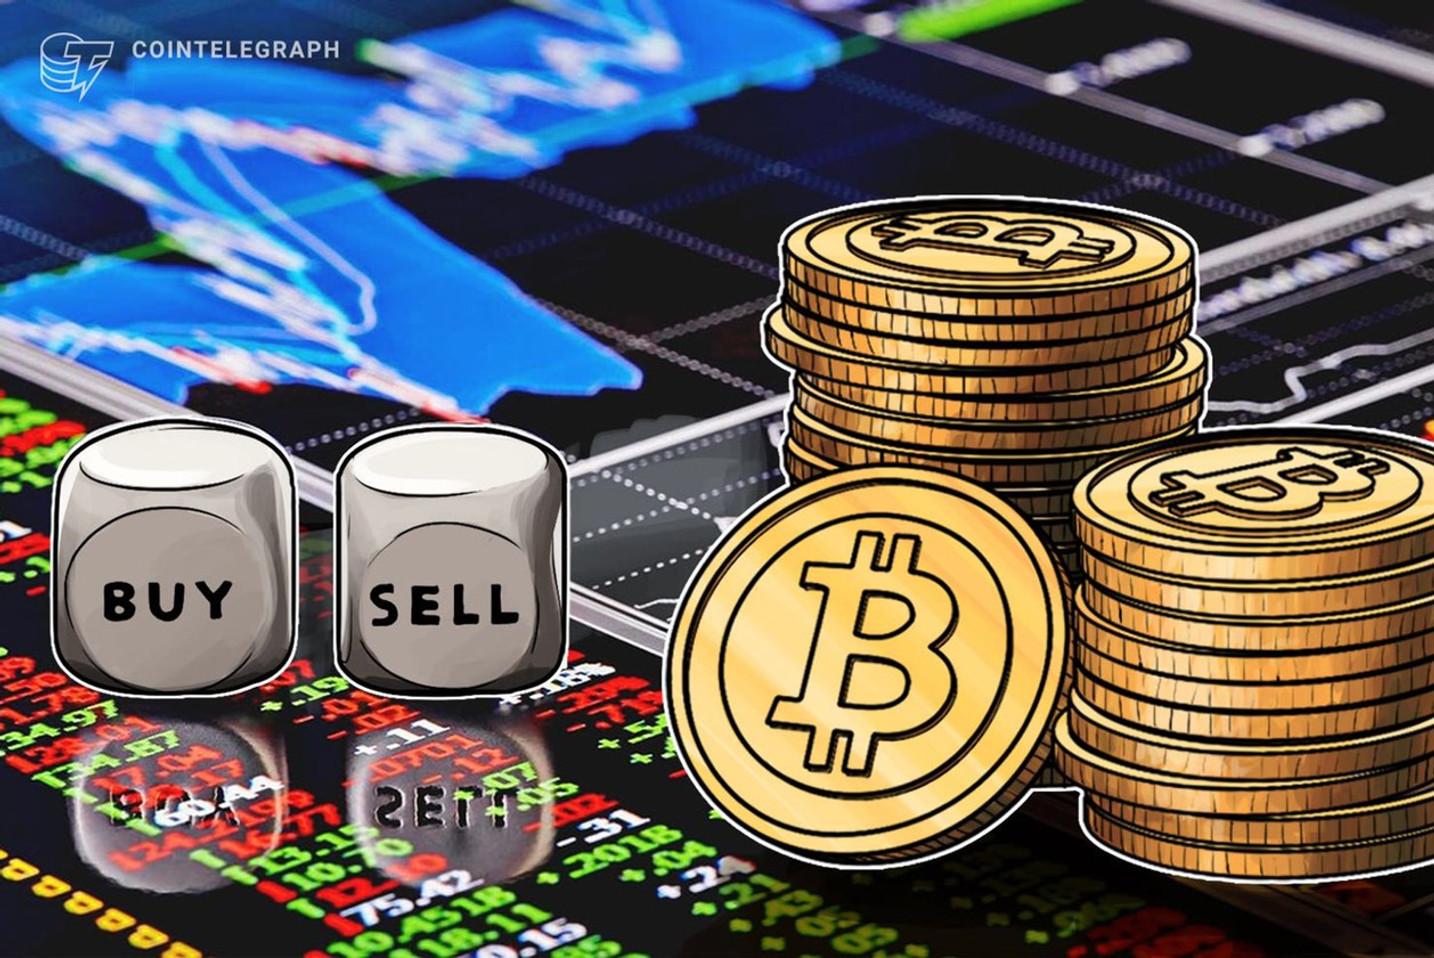 金融庁による仮想通貨ETF認可期待広がるも、静観な値動き ビットコイン相場市況(1月8日)